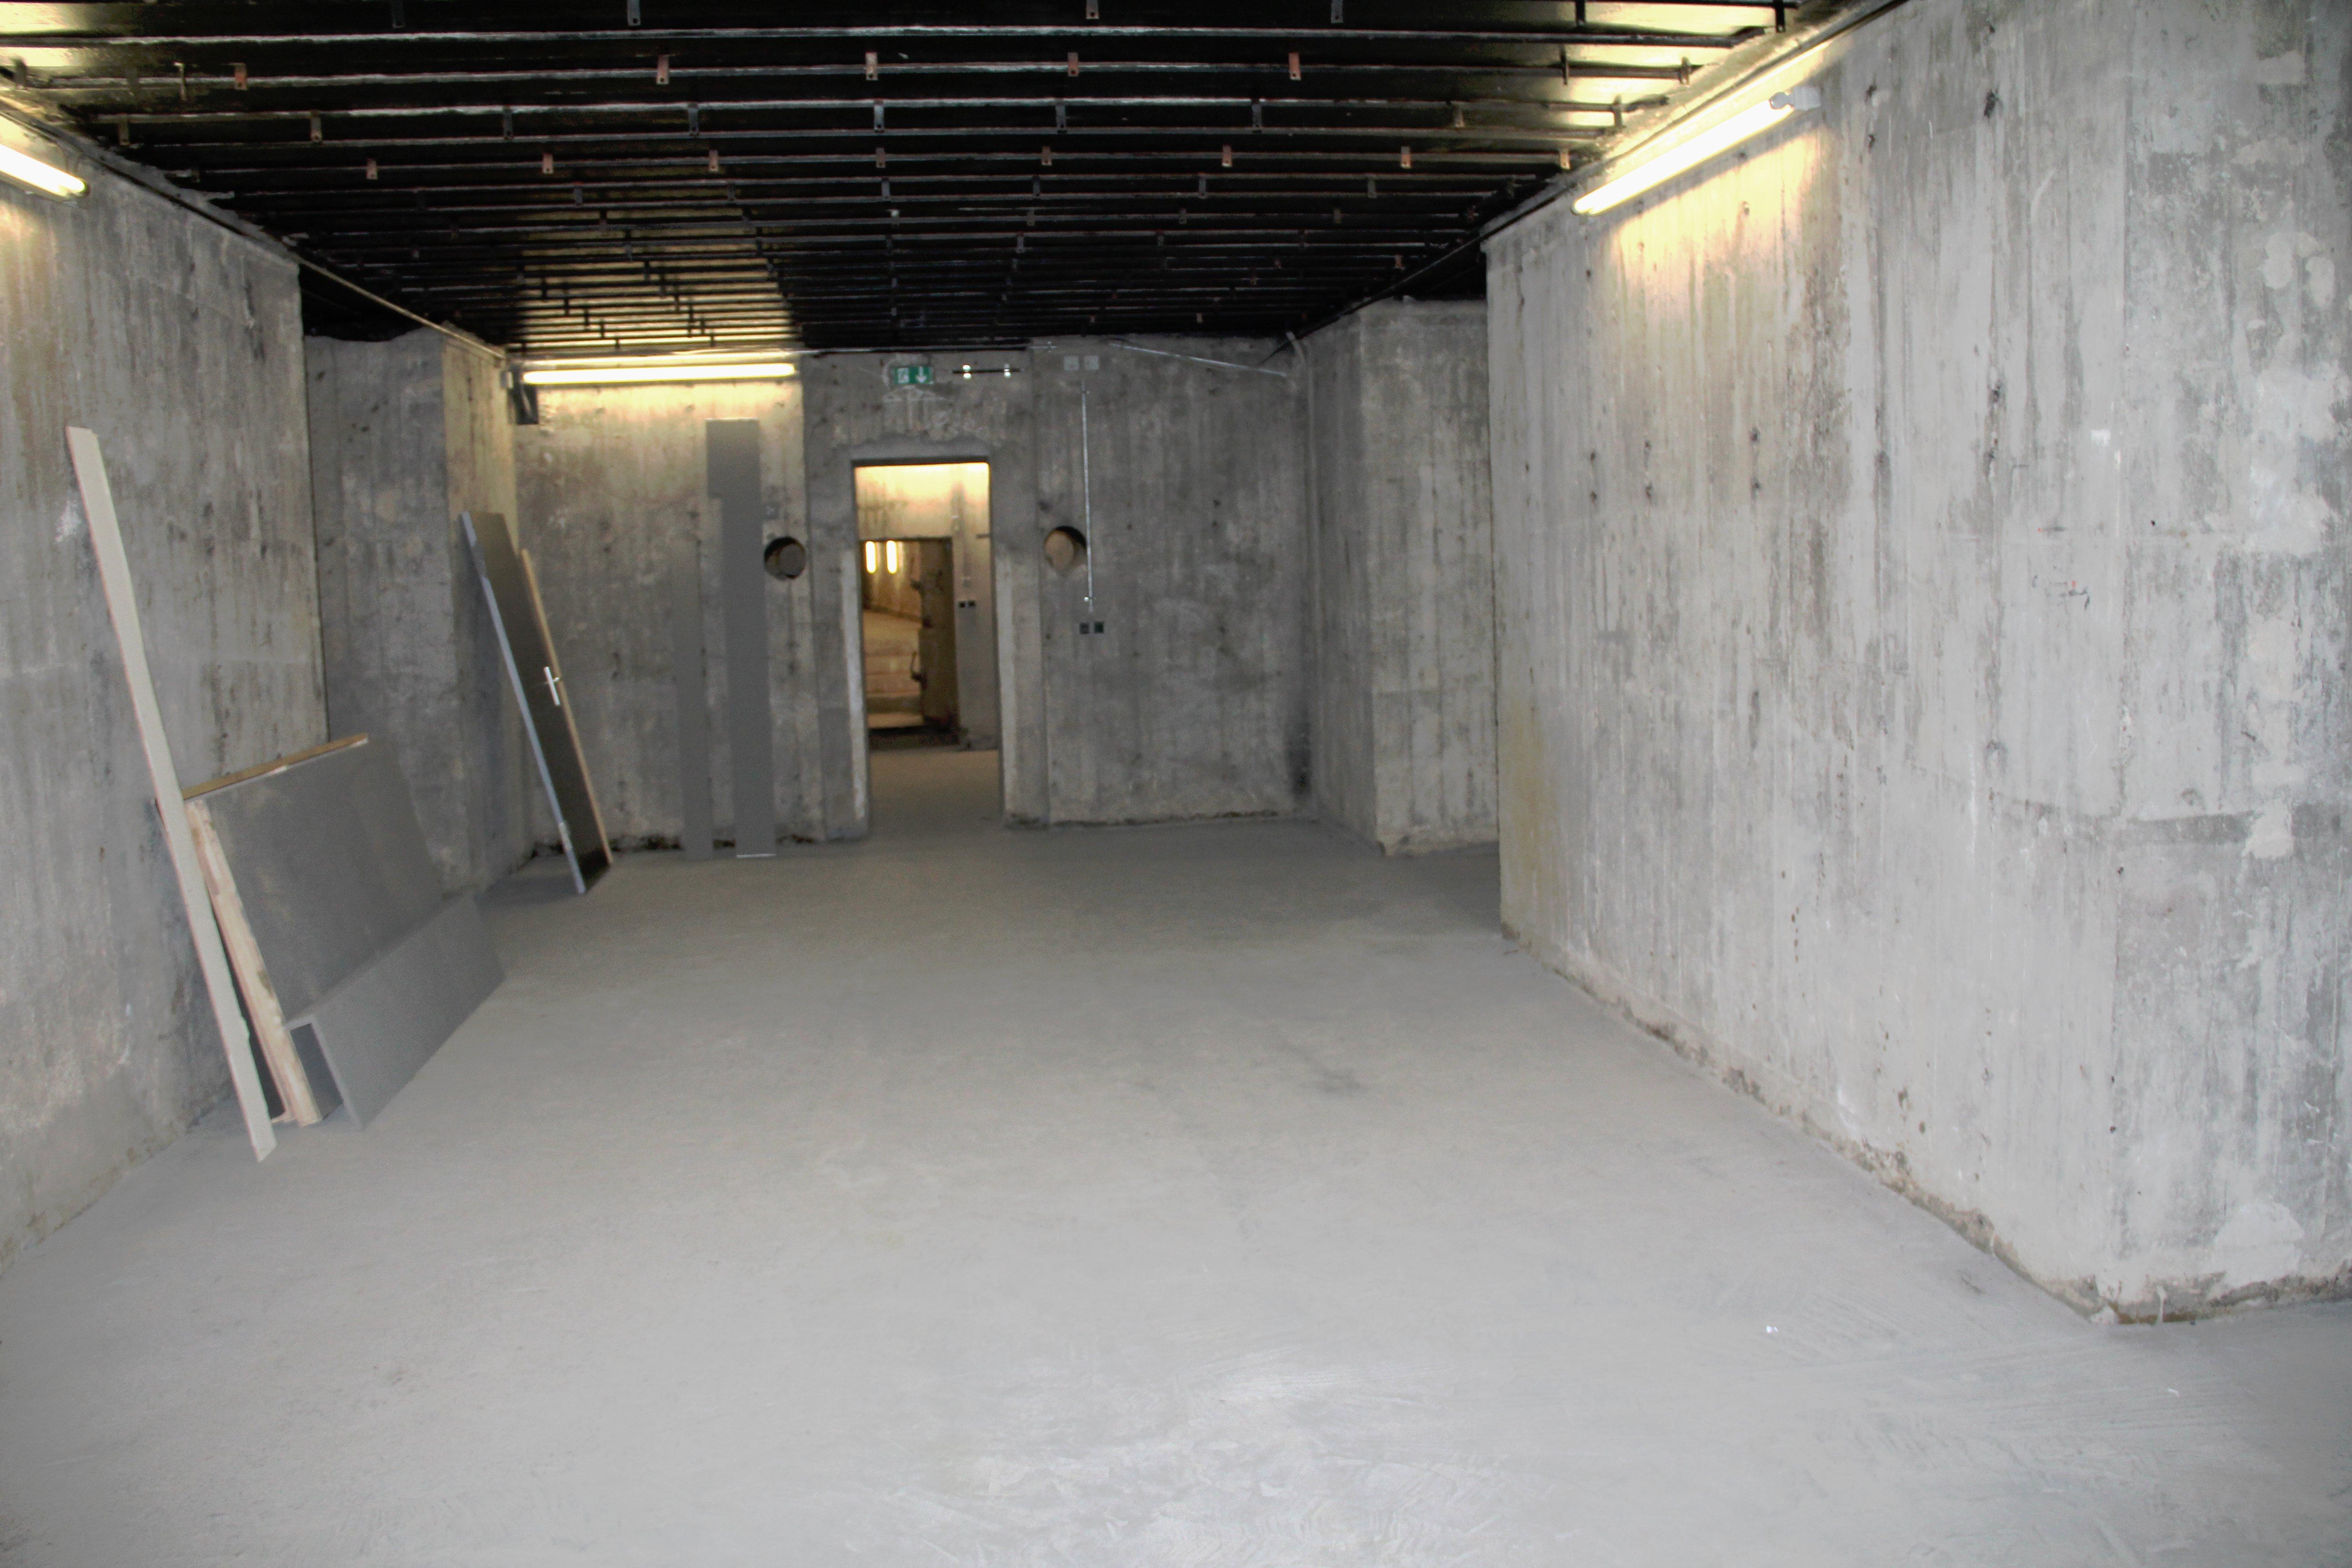 File:Adlerhorst-Kransberg-Bunker-1.jpg - Wikimedia Commons